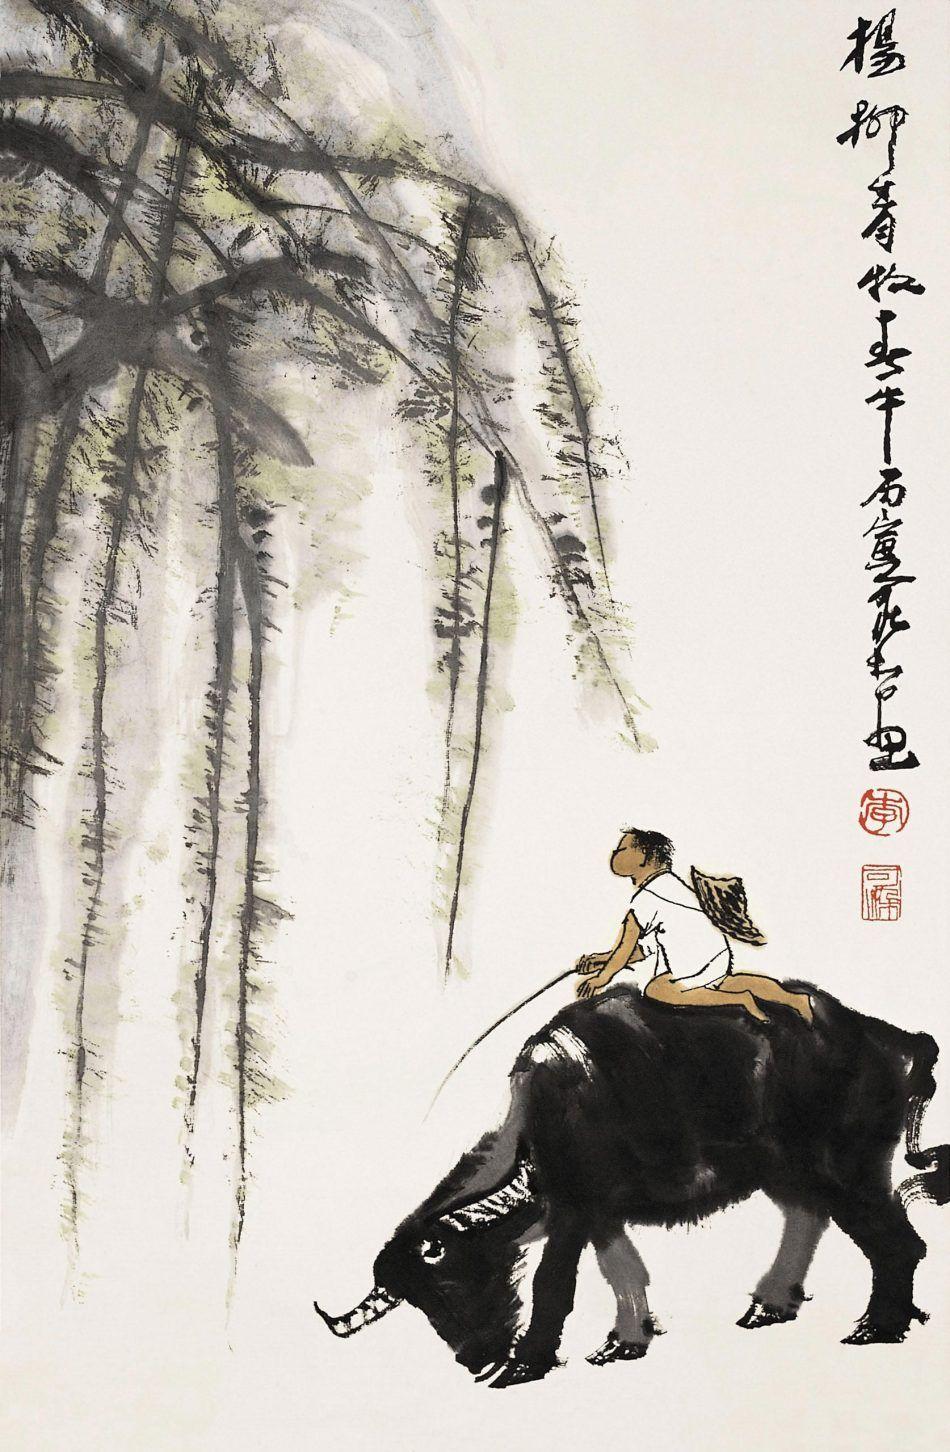 Pingl Par Dani Le Parisot Sur Peintures Chinoises Pinterest